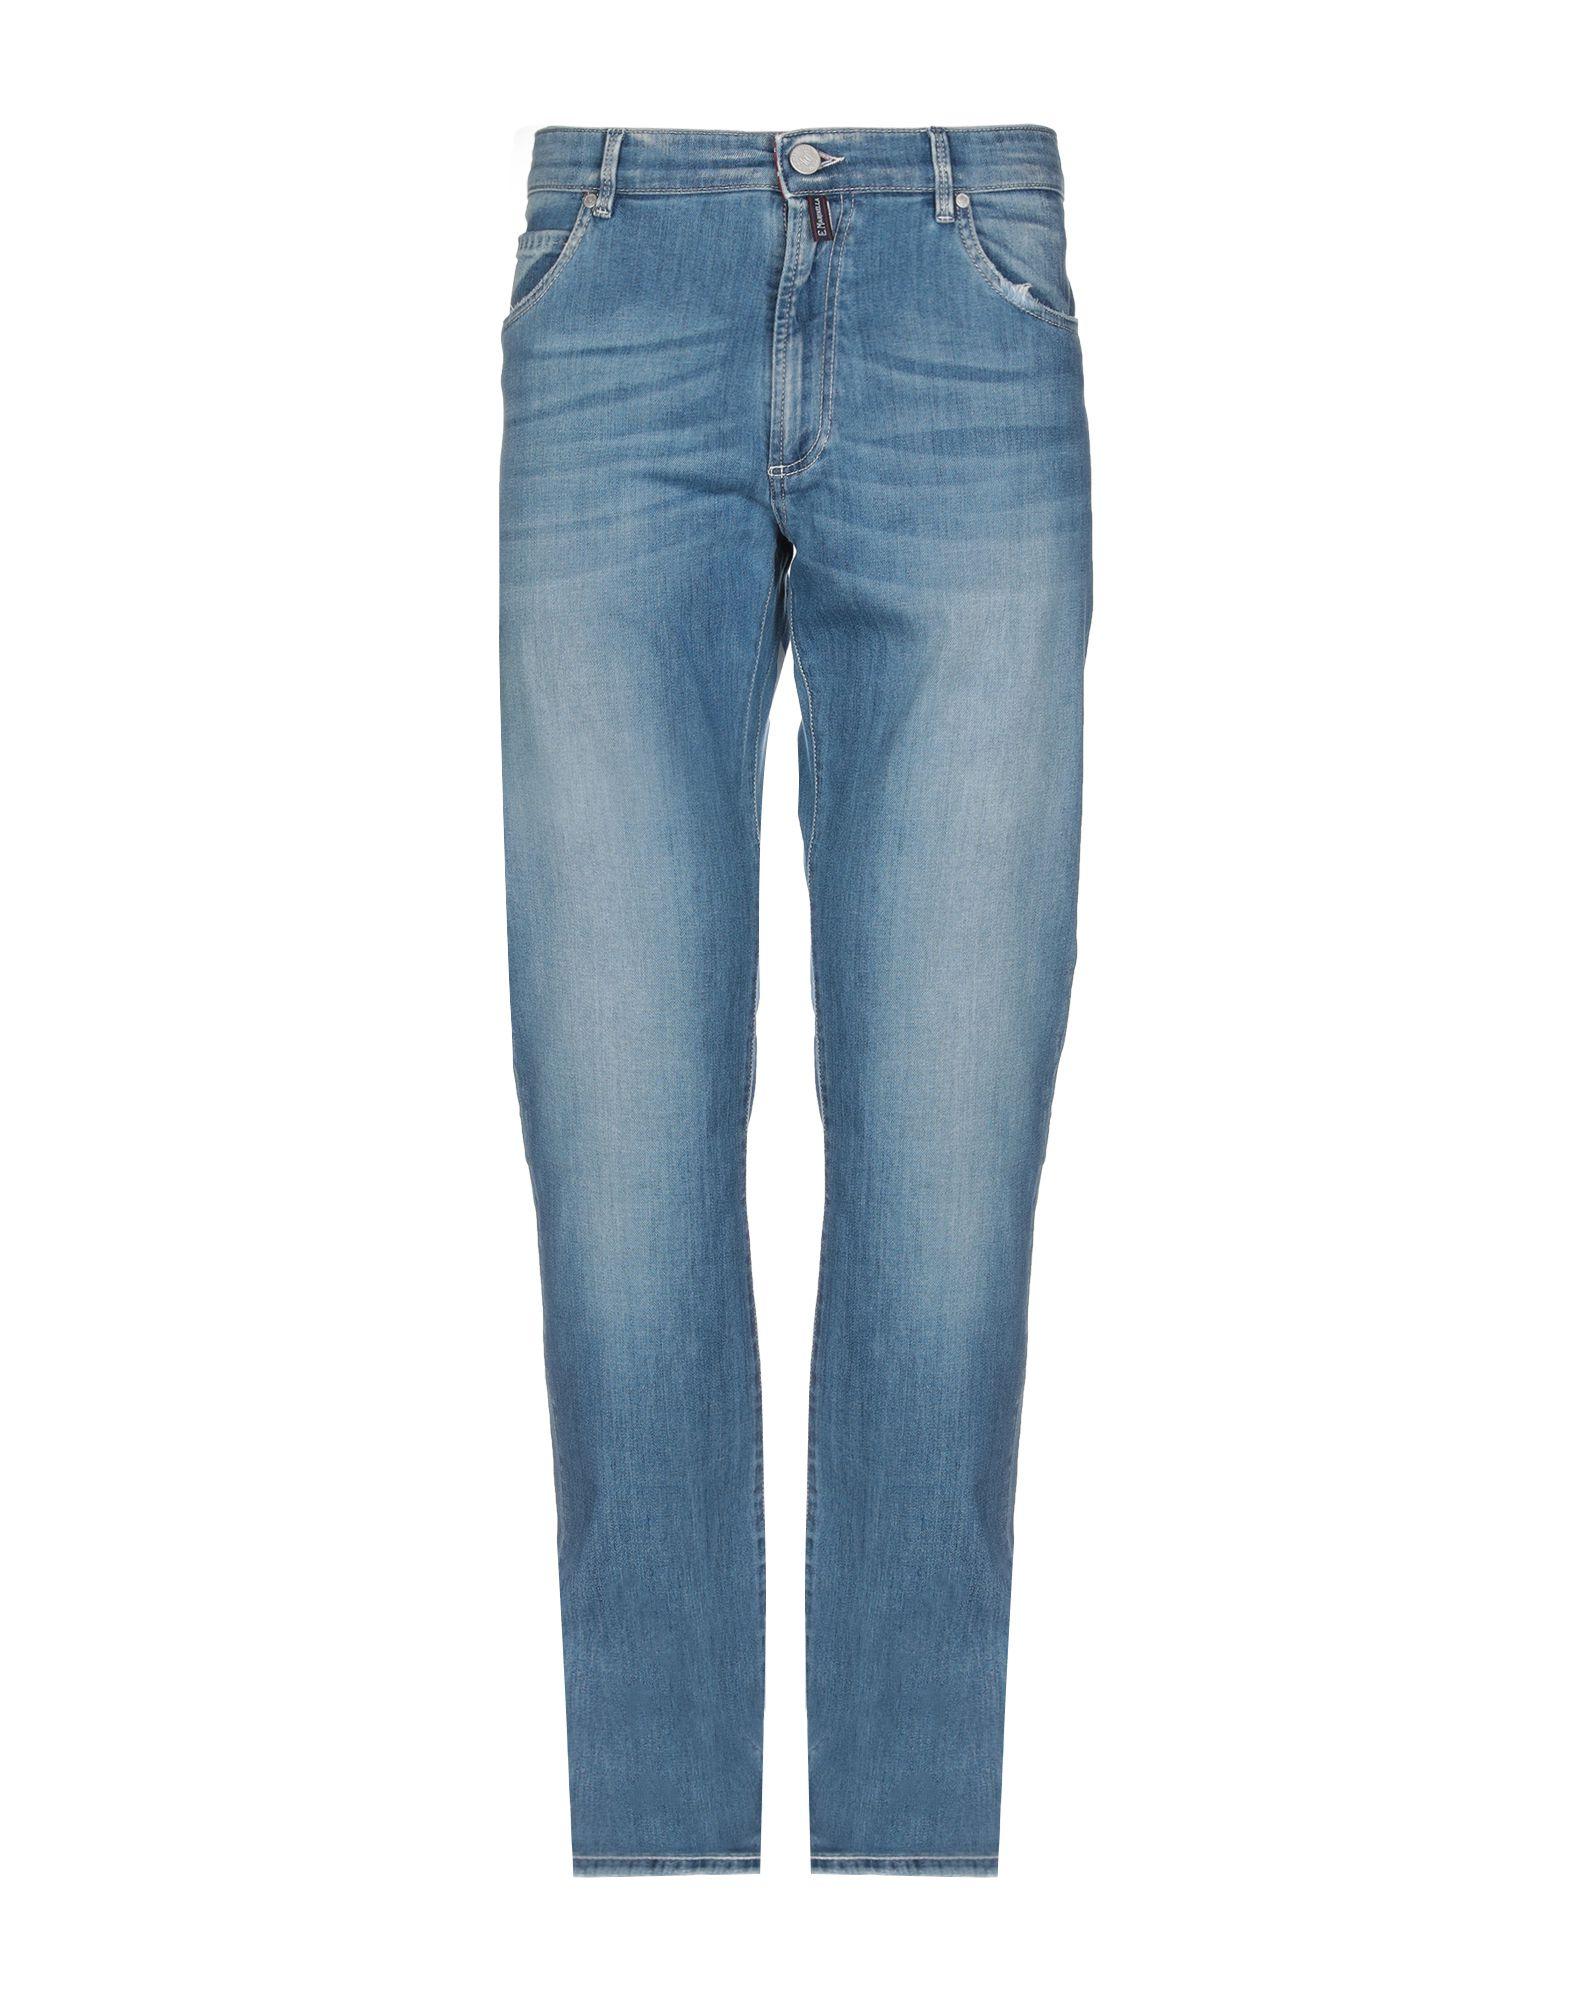 《セール開催中》E.MARINELLA メンズ ジーンズ ブルー 31 コットン 98% / ポリウレタン 2%